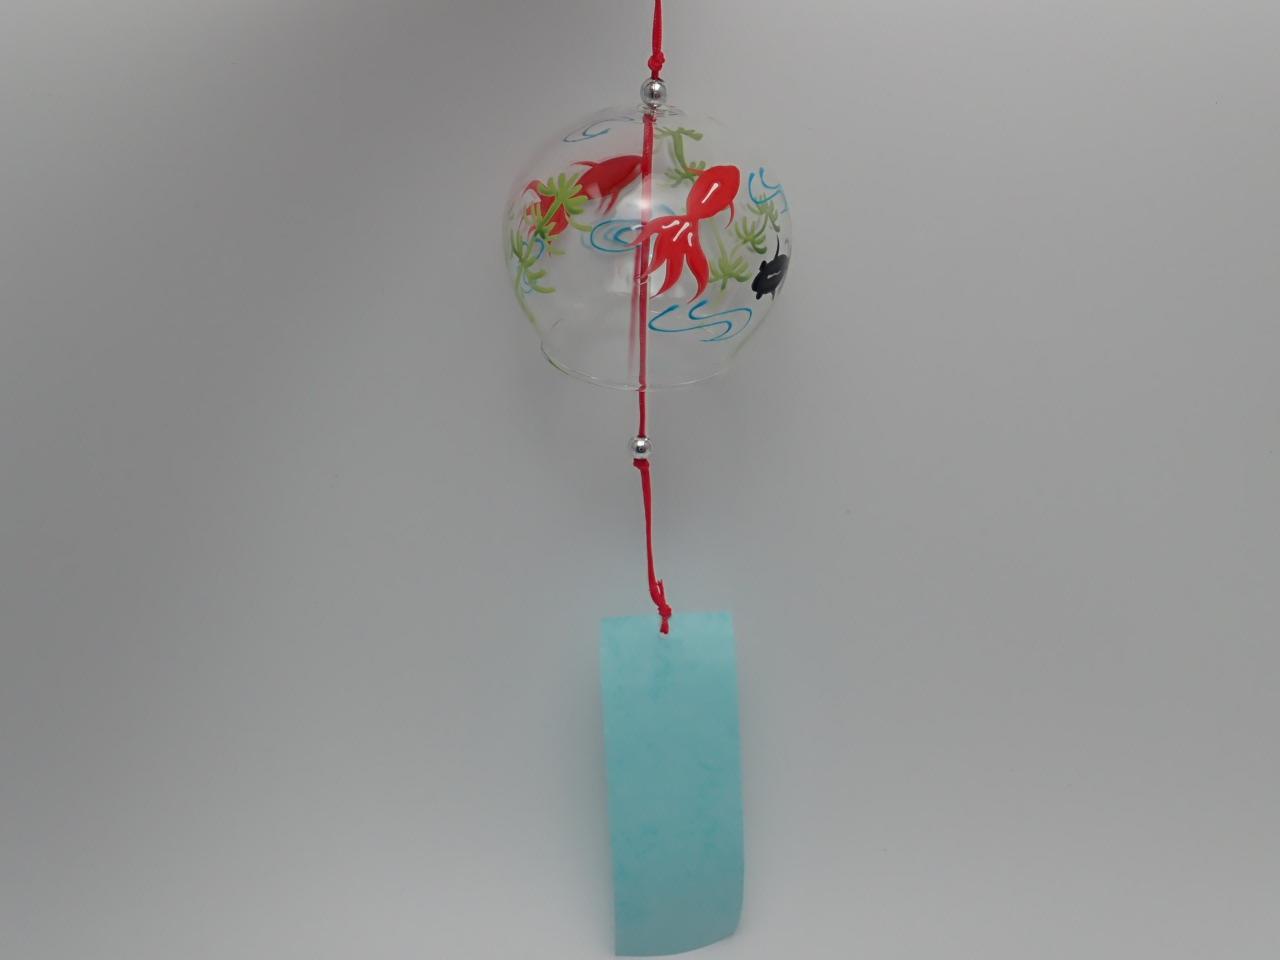 ガラス風鈴8cm(金魚柄)